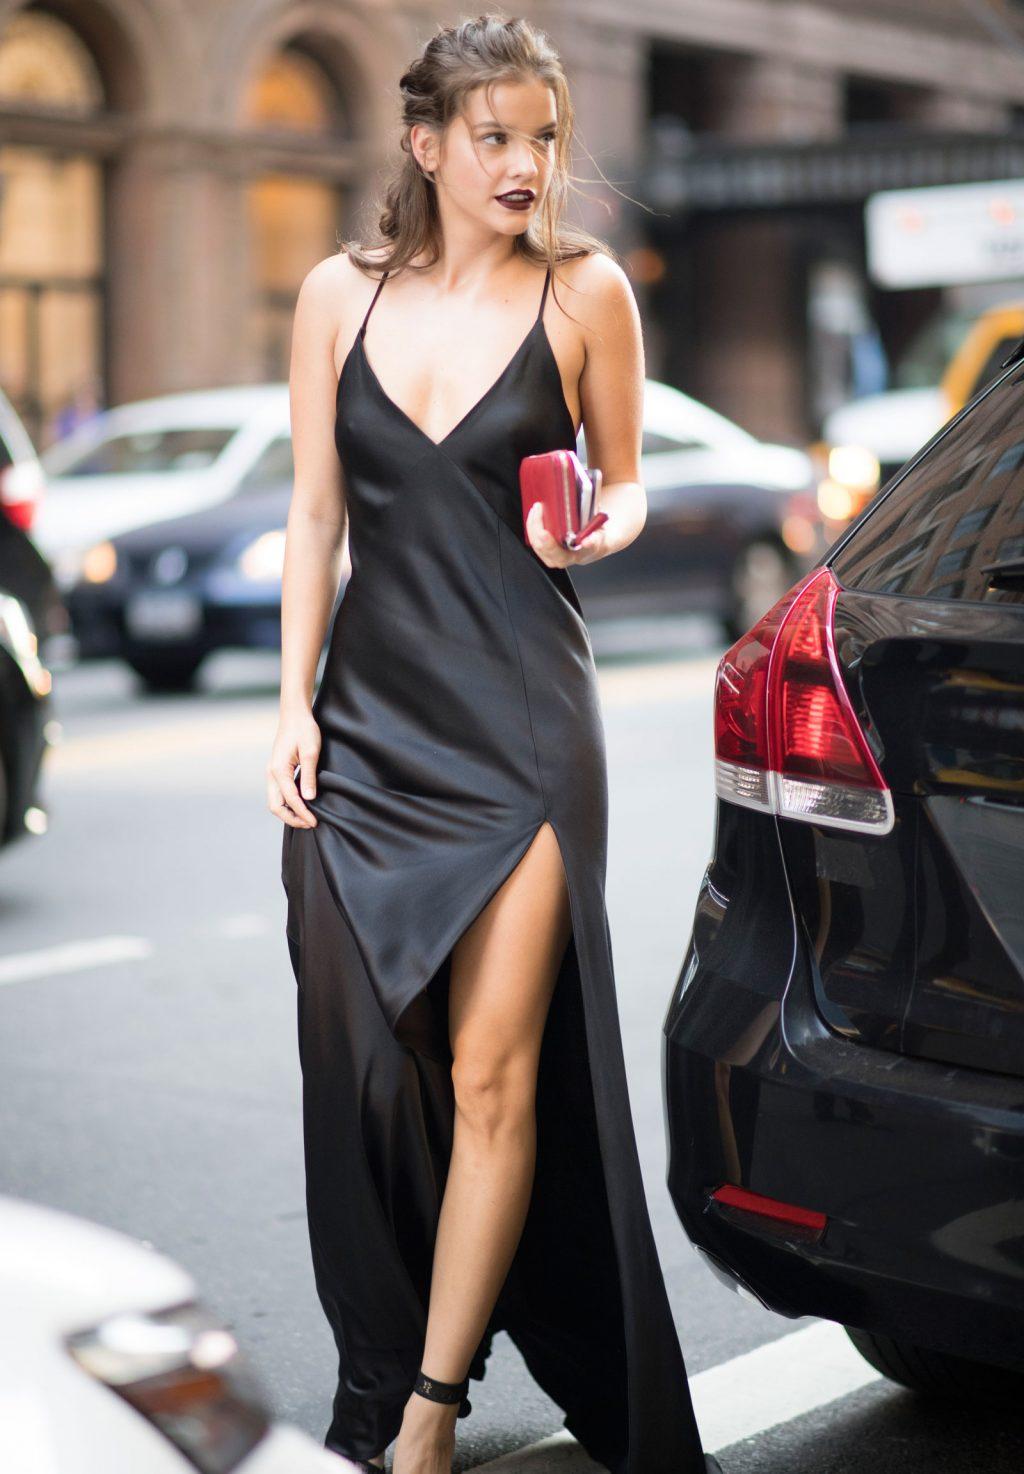 phong cách thời trang đầy lôi cuốn của Barbara Palvin 7